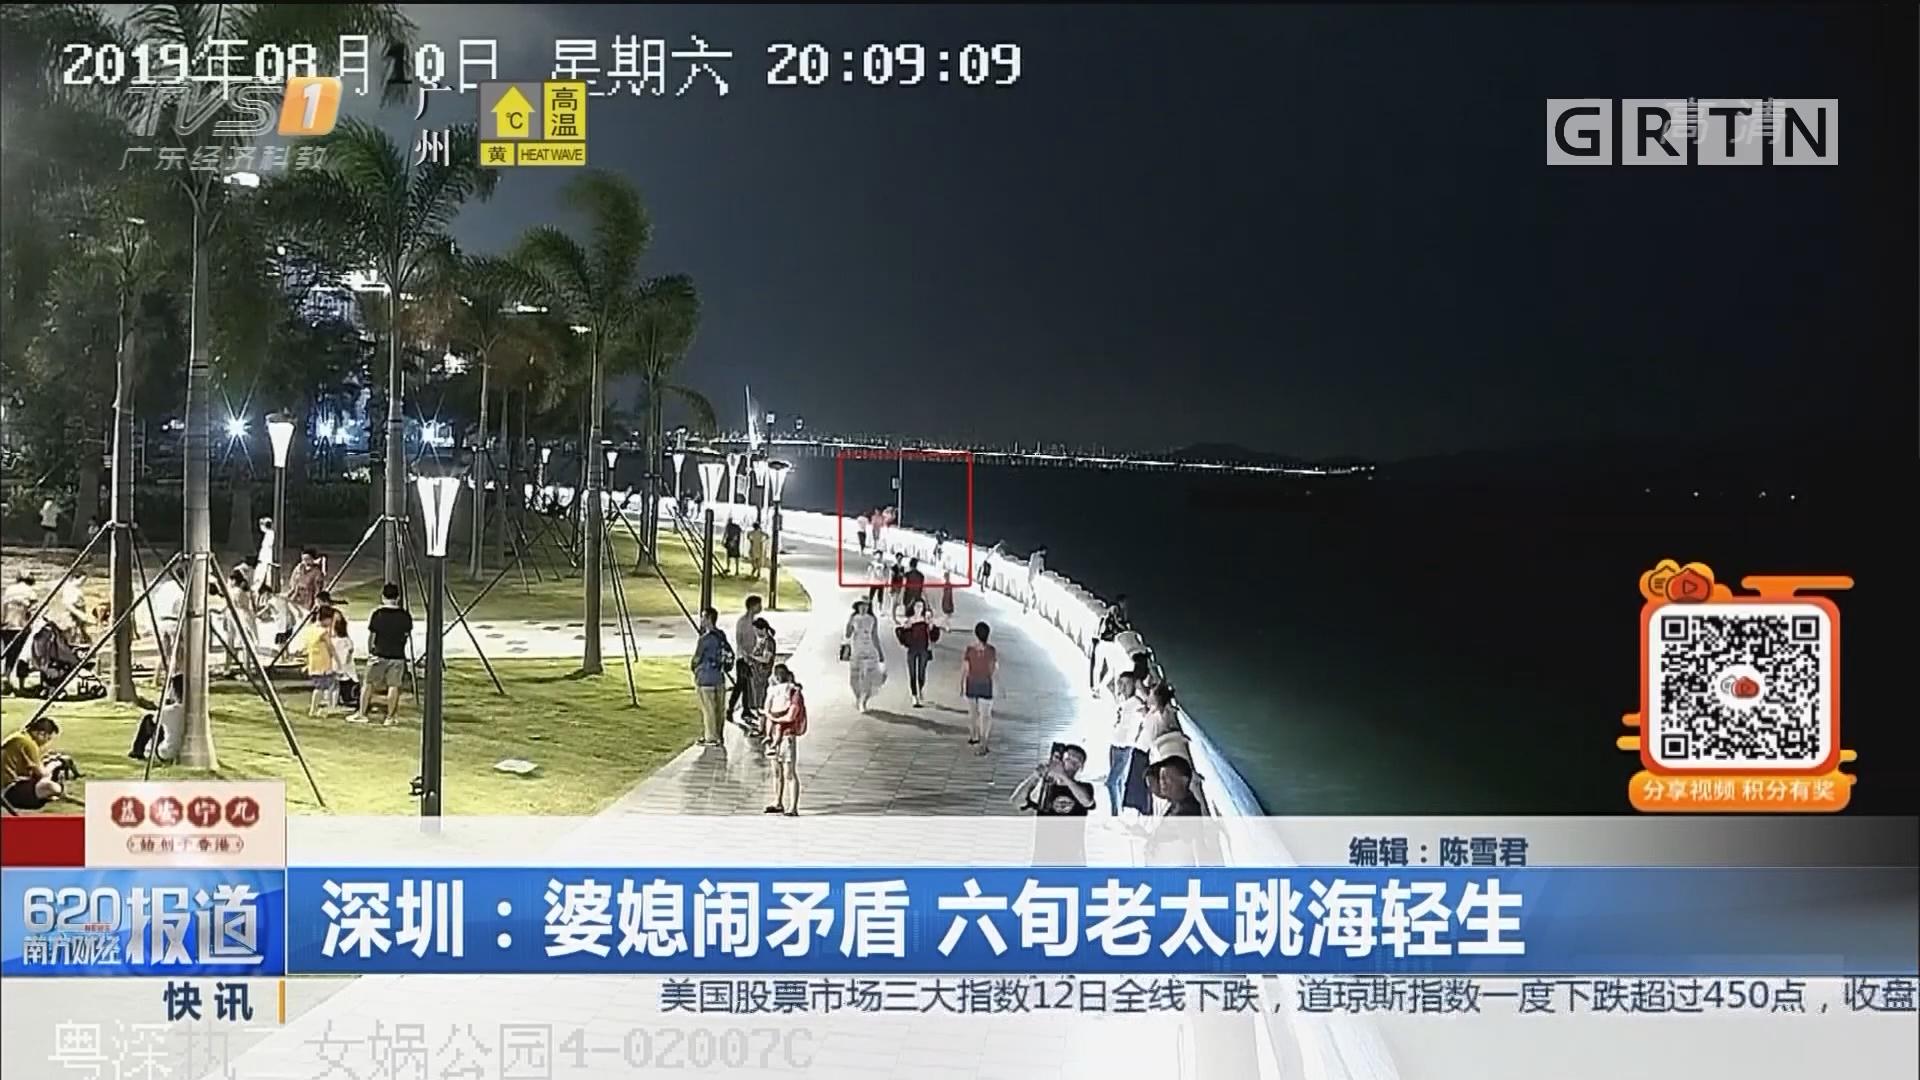 深圳:婆媳闹矛盾 六旬老太跳海轻生